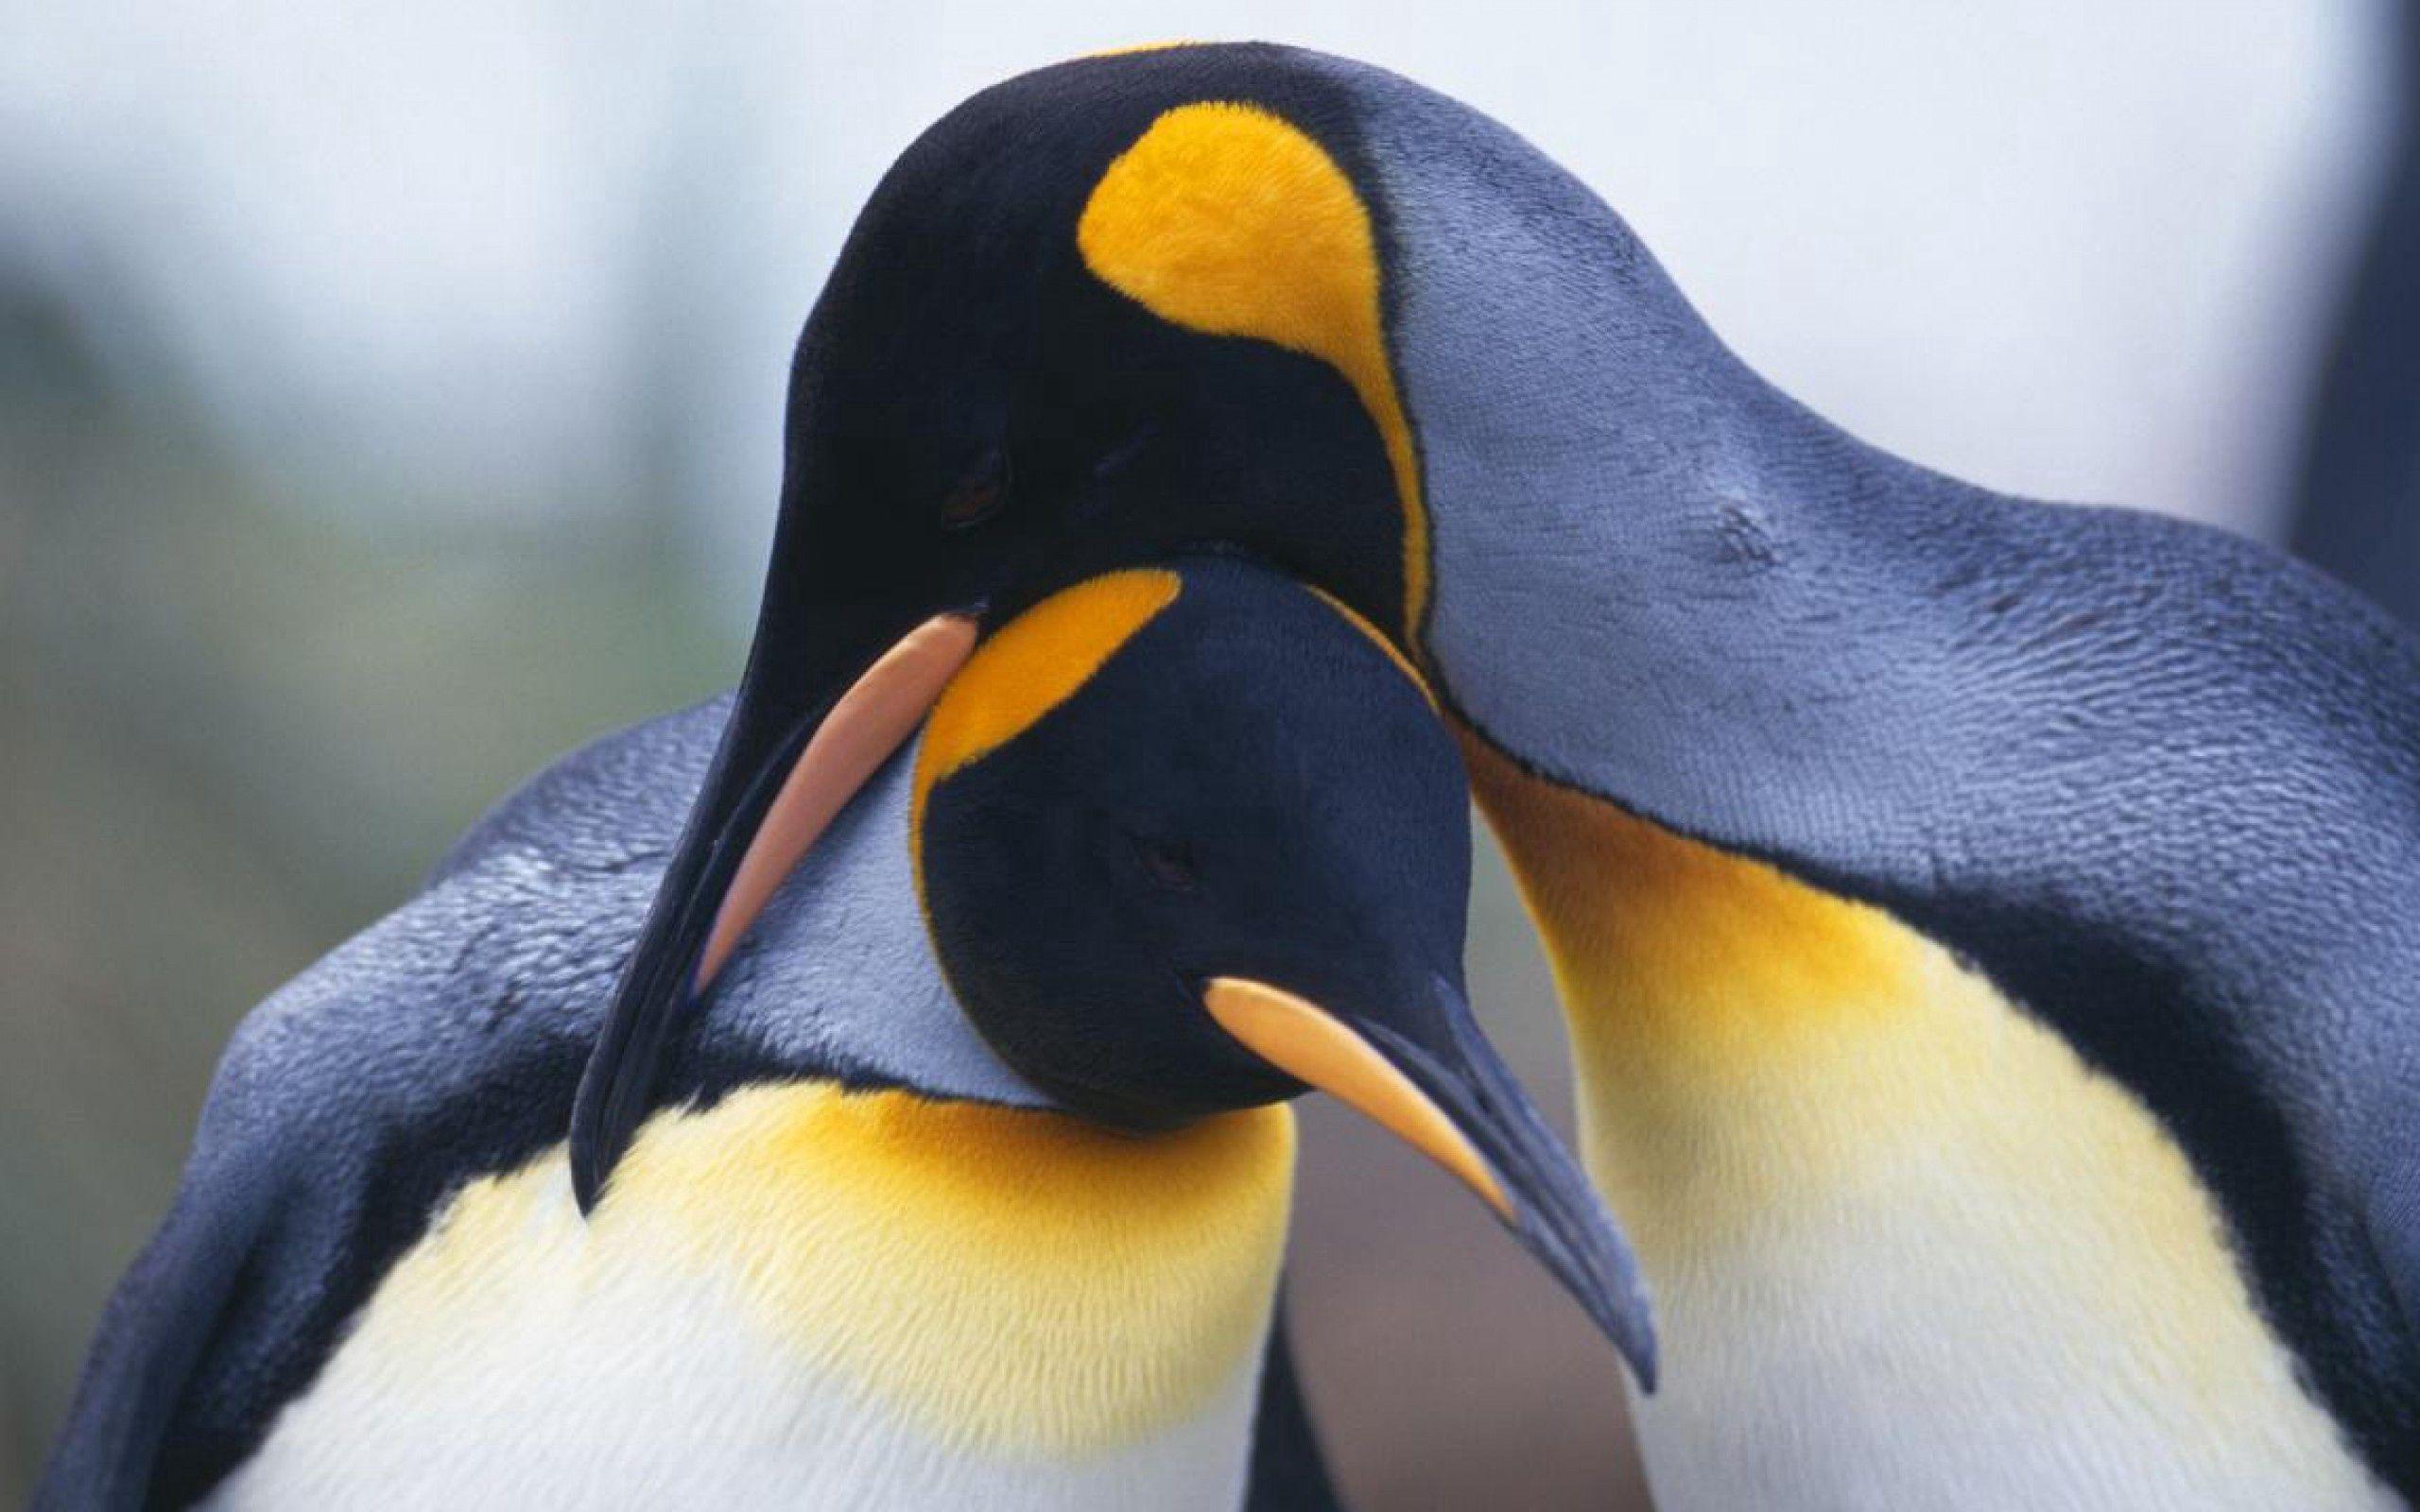 50831 Hintergrundbild herunterladen Tiere, Vögel, Pinguins, Schnabel, Paar - Bildschirmschoner und Bilder kostenlos